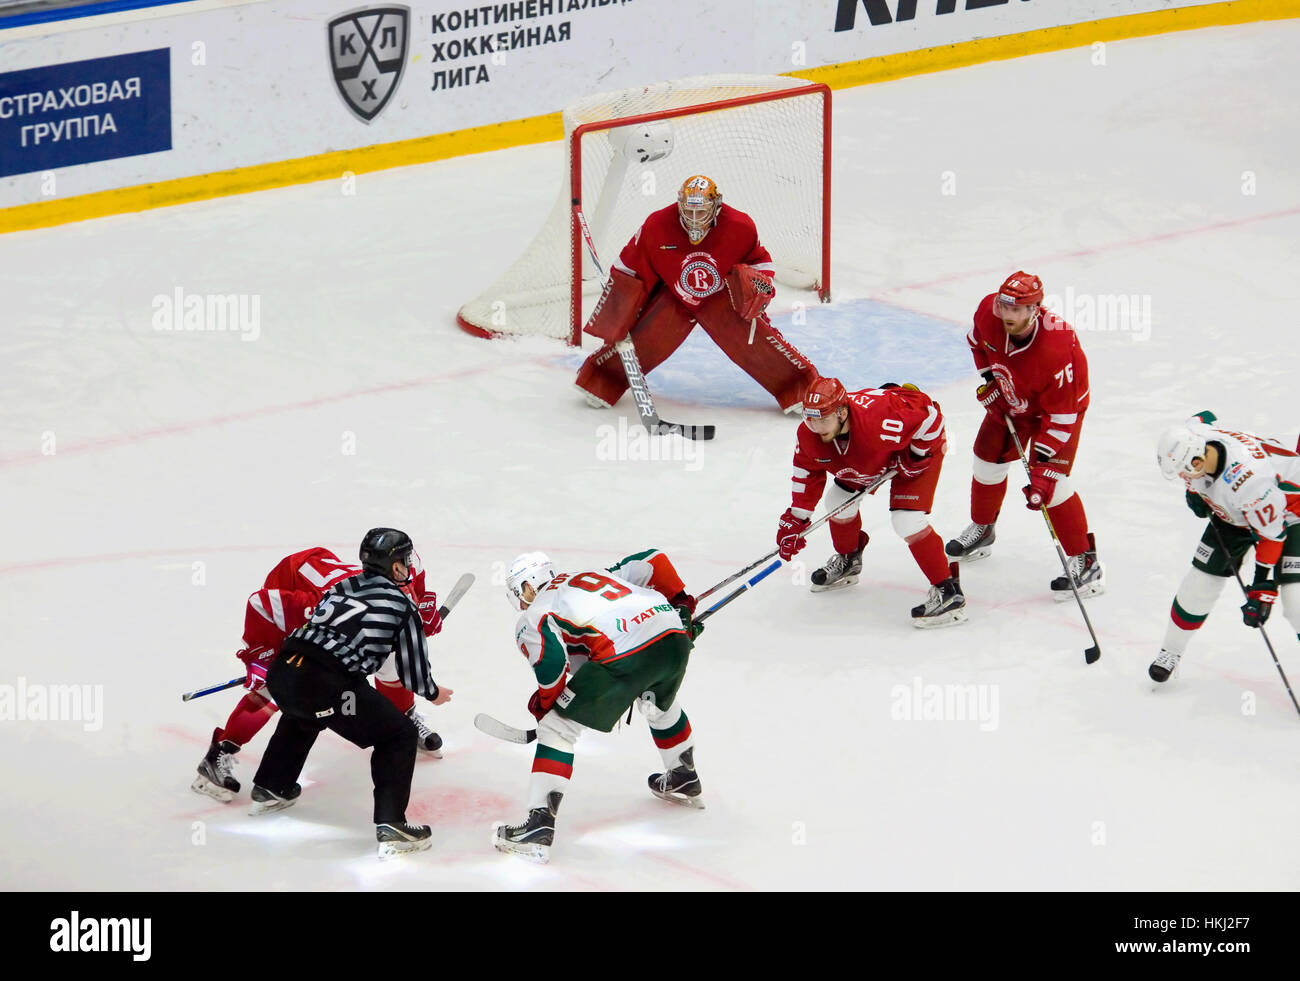 PODOLSK, Russland - 14. Januar 2017: auf Eishockey Spiel Witjas Vs AKBars auf Russland KHL Meisterschaft am 14. Stockfoto